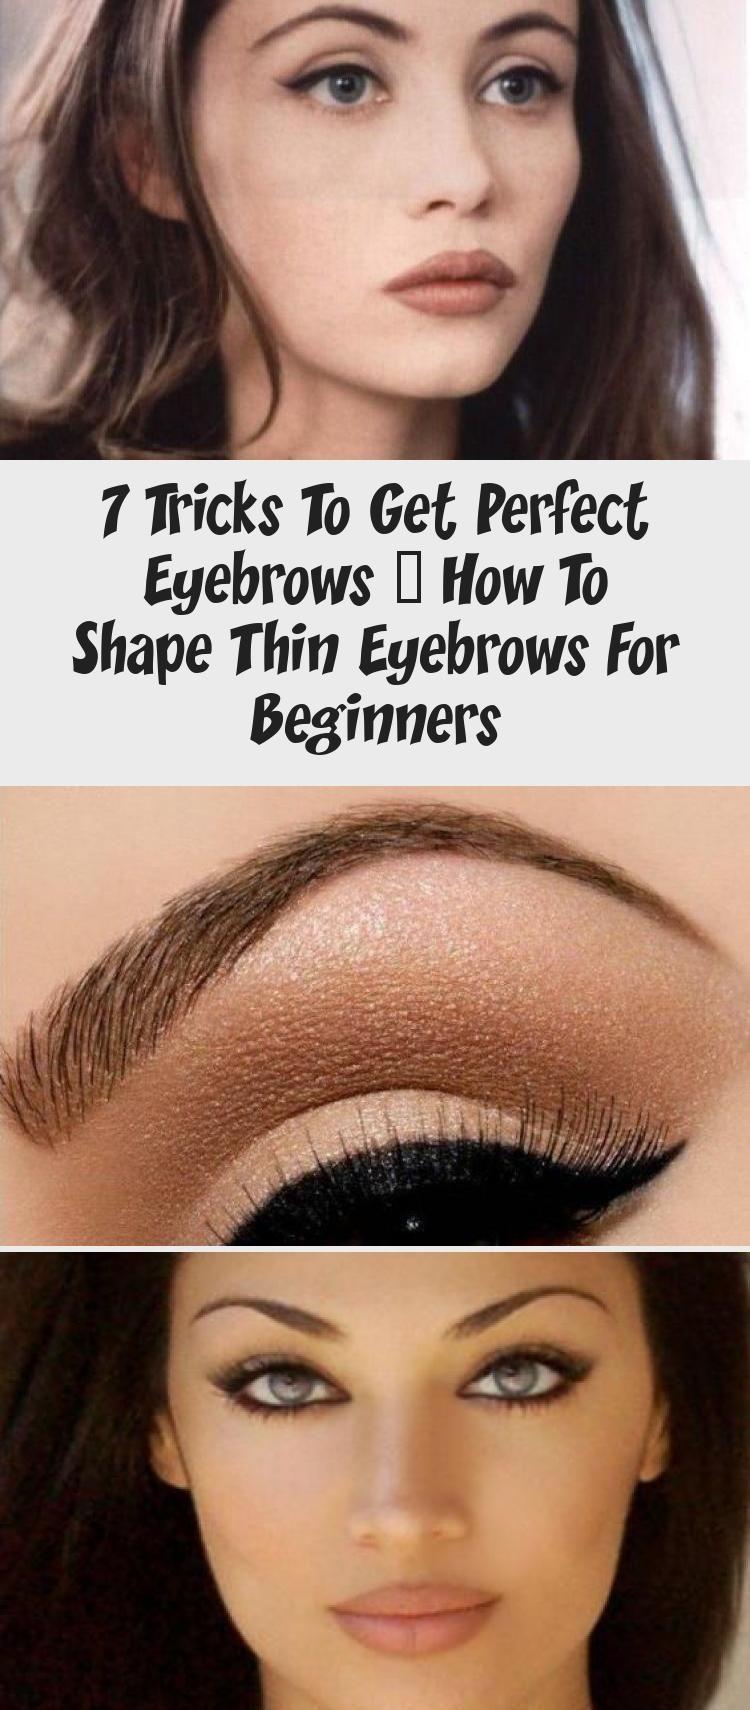 Beginners Eye Eyebrows Makeup Perfect Shape 2020 Eyebrows